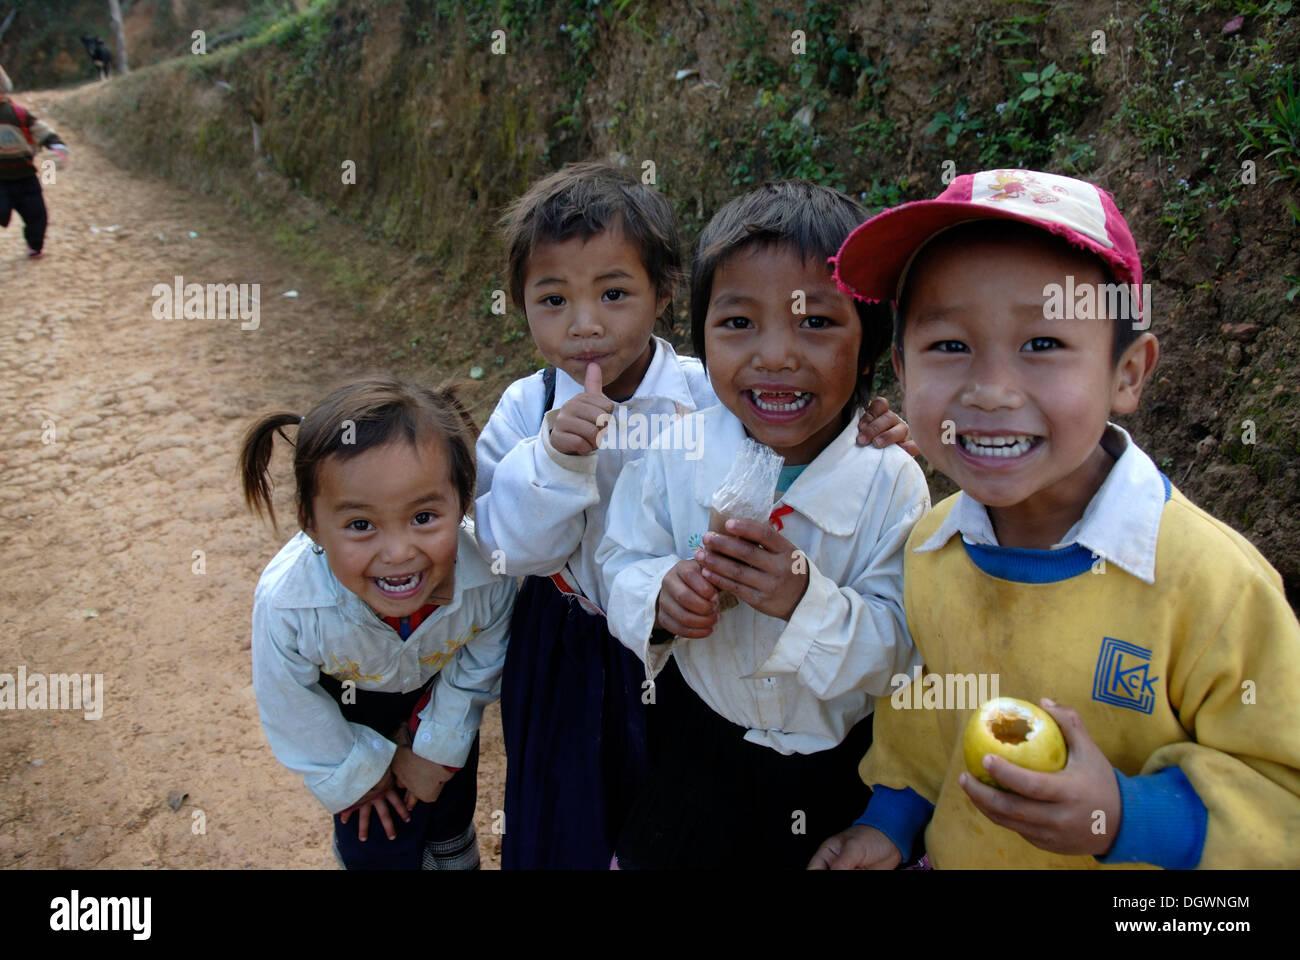 Los niños, la pobreza, las pandillas de niños sonrientes a divertirse, la aldea de Ban Komaen Phongsali, distrito y provincia, Laos Imagen De Stock